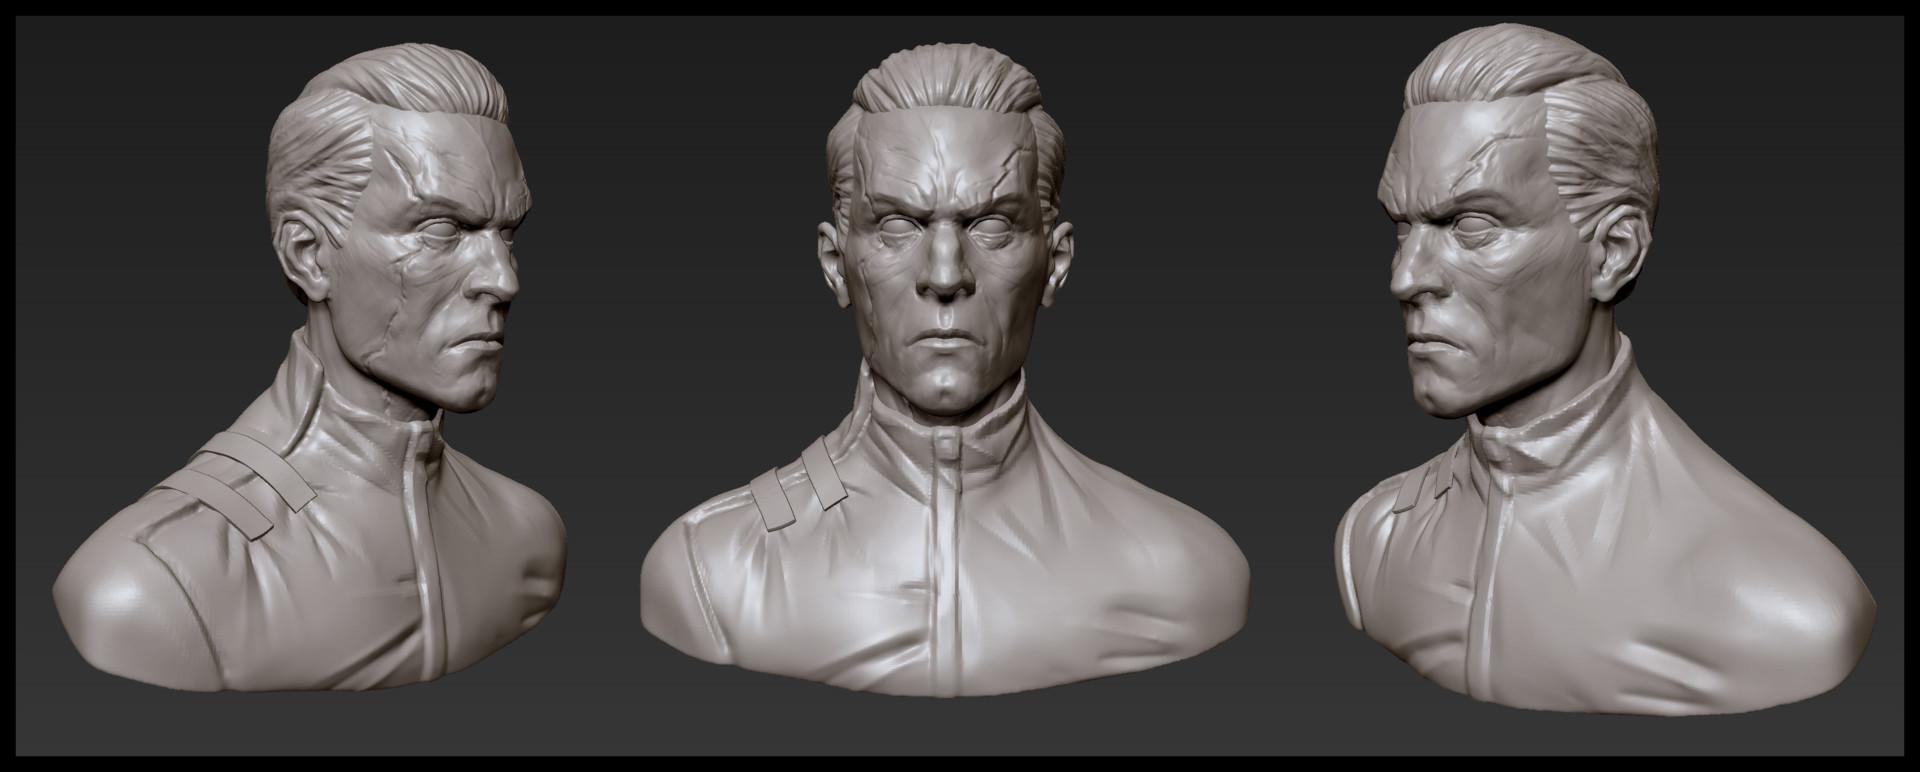 Ben henry assassindaud sculpt